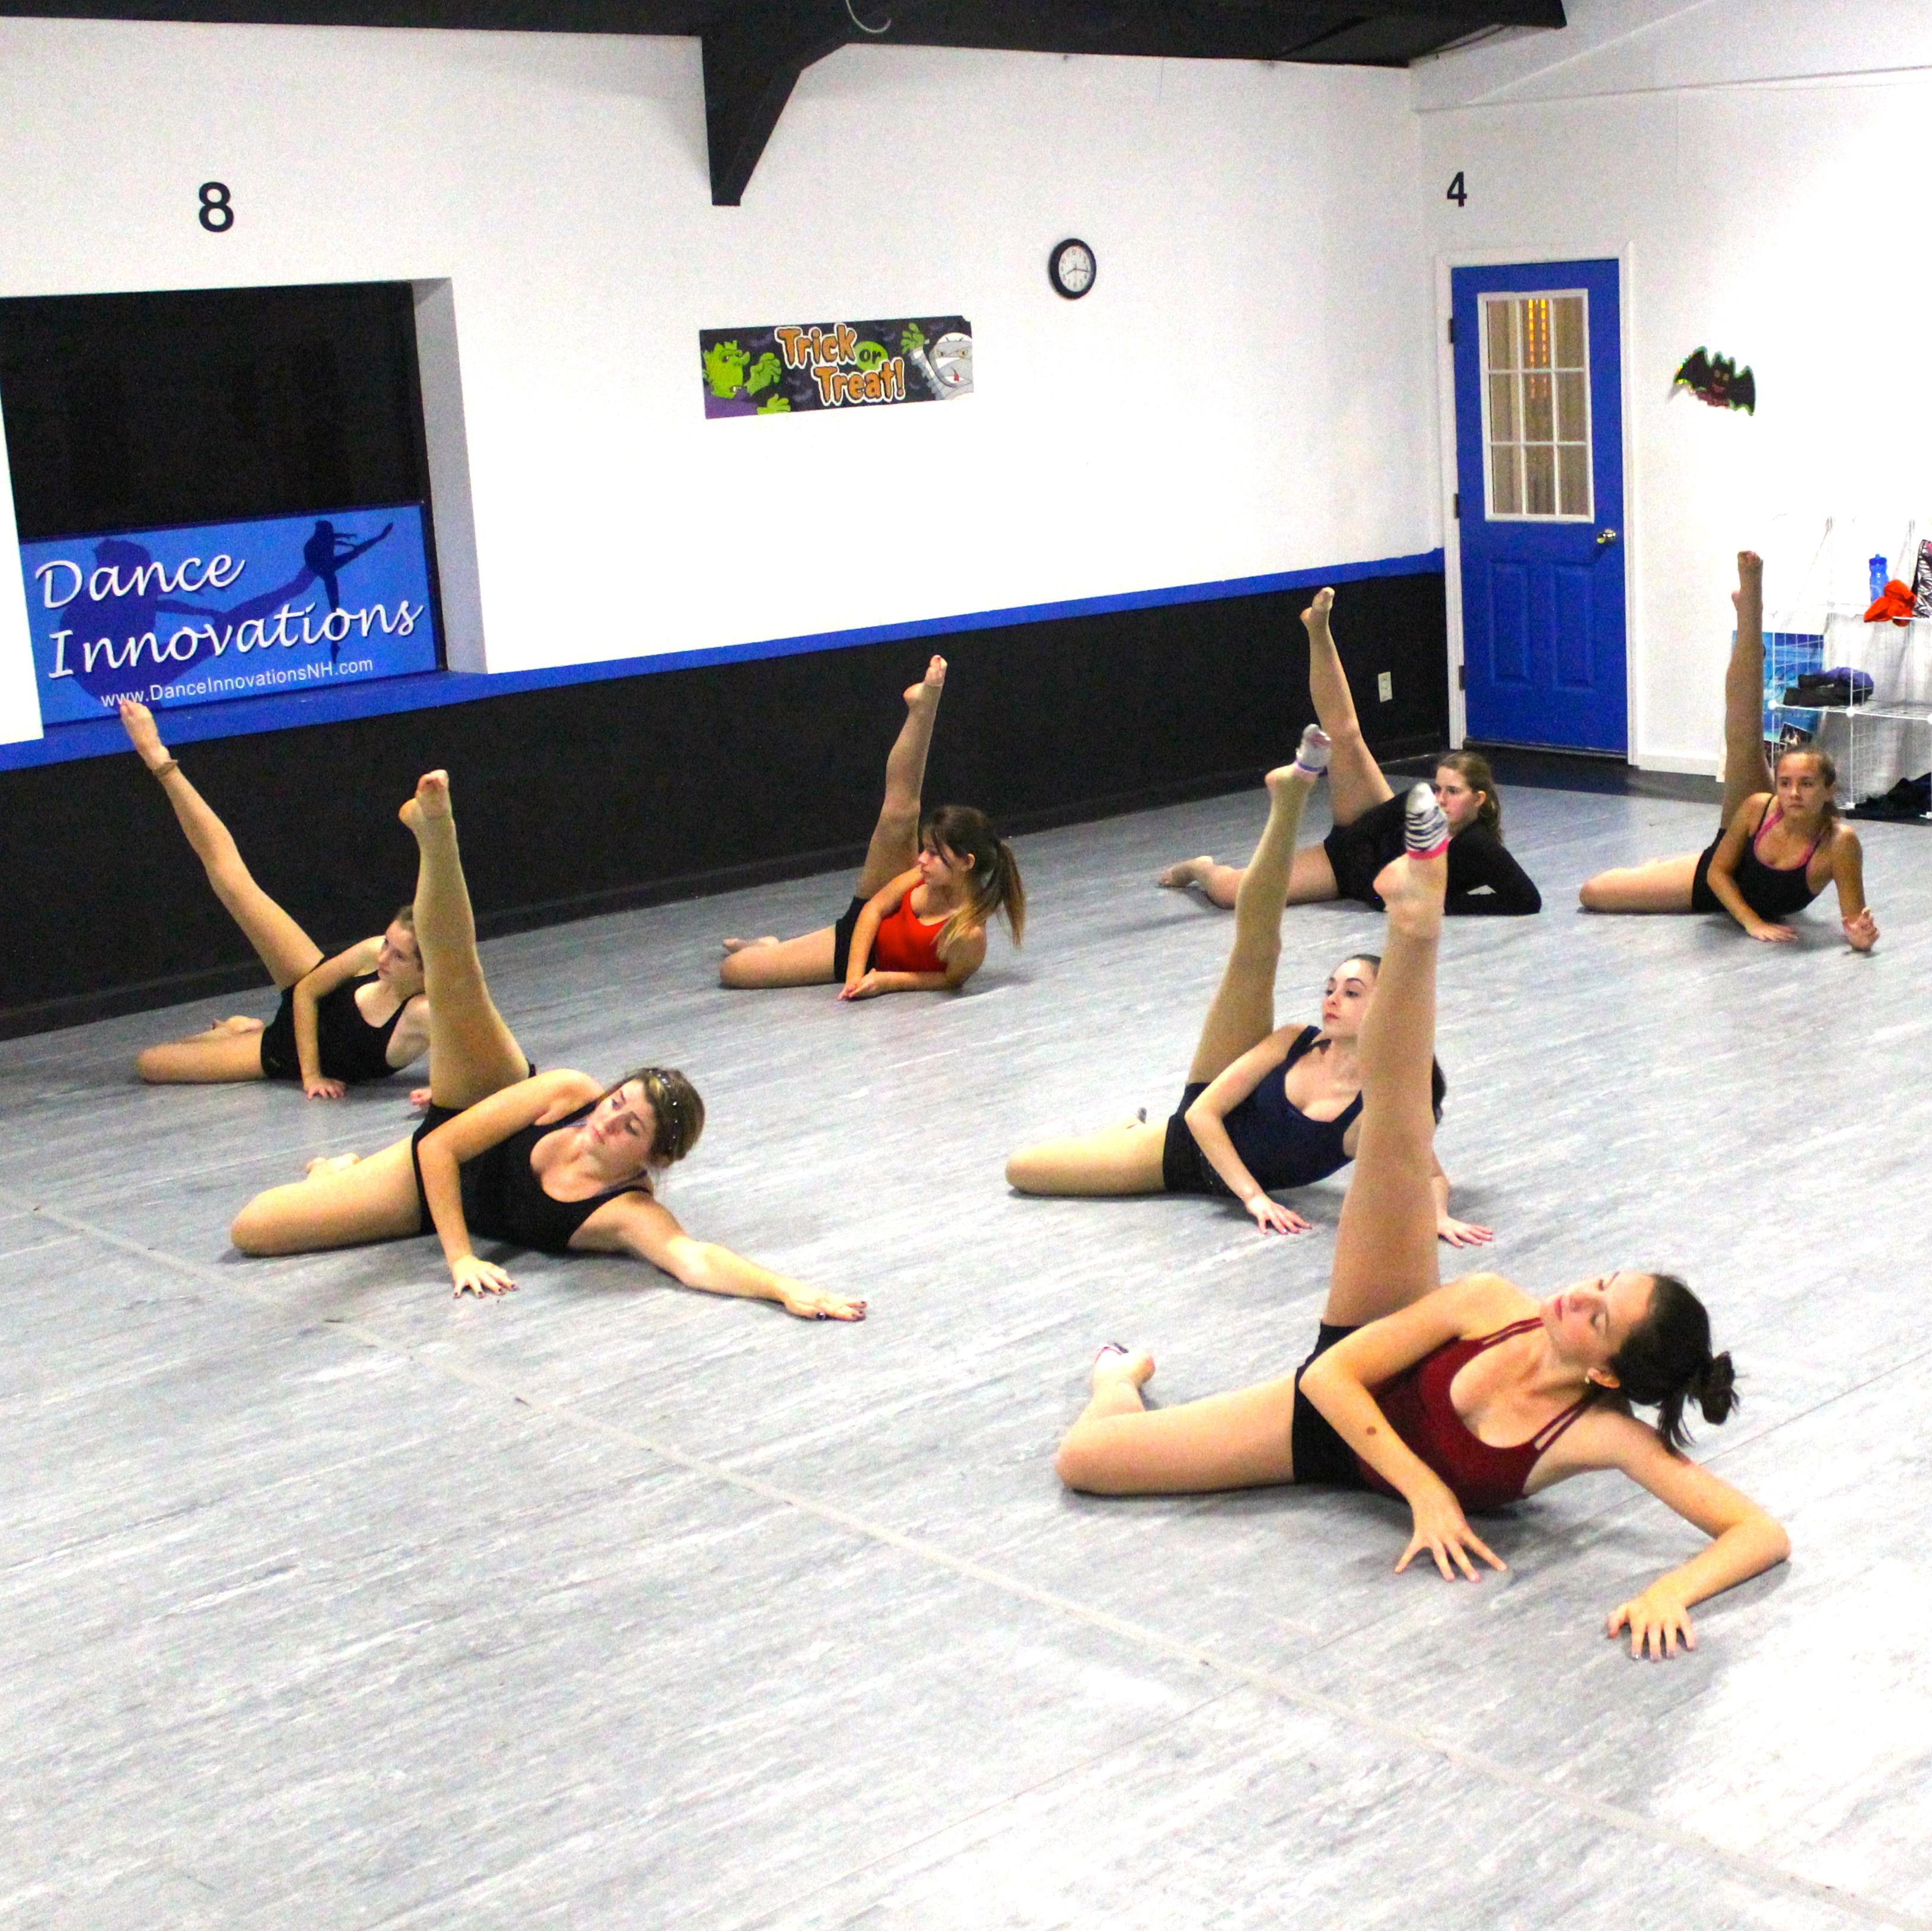 Dancers ages 10+